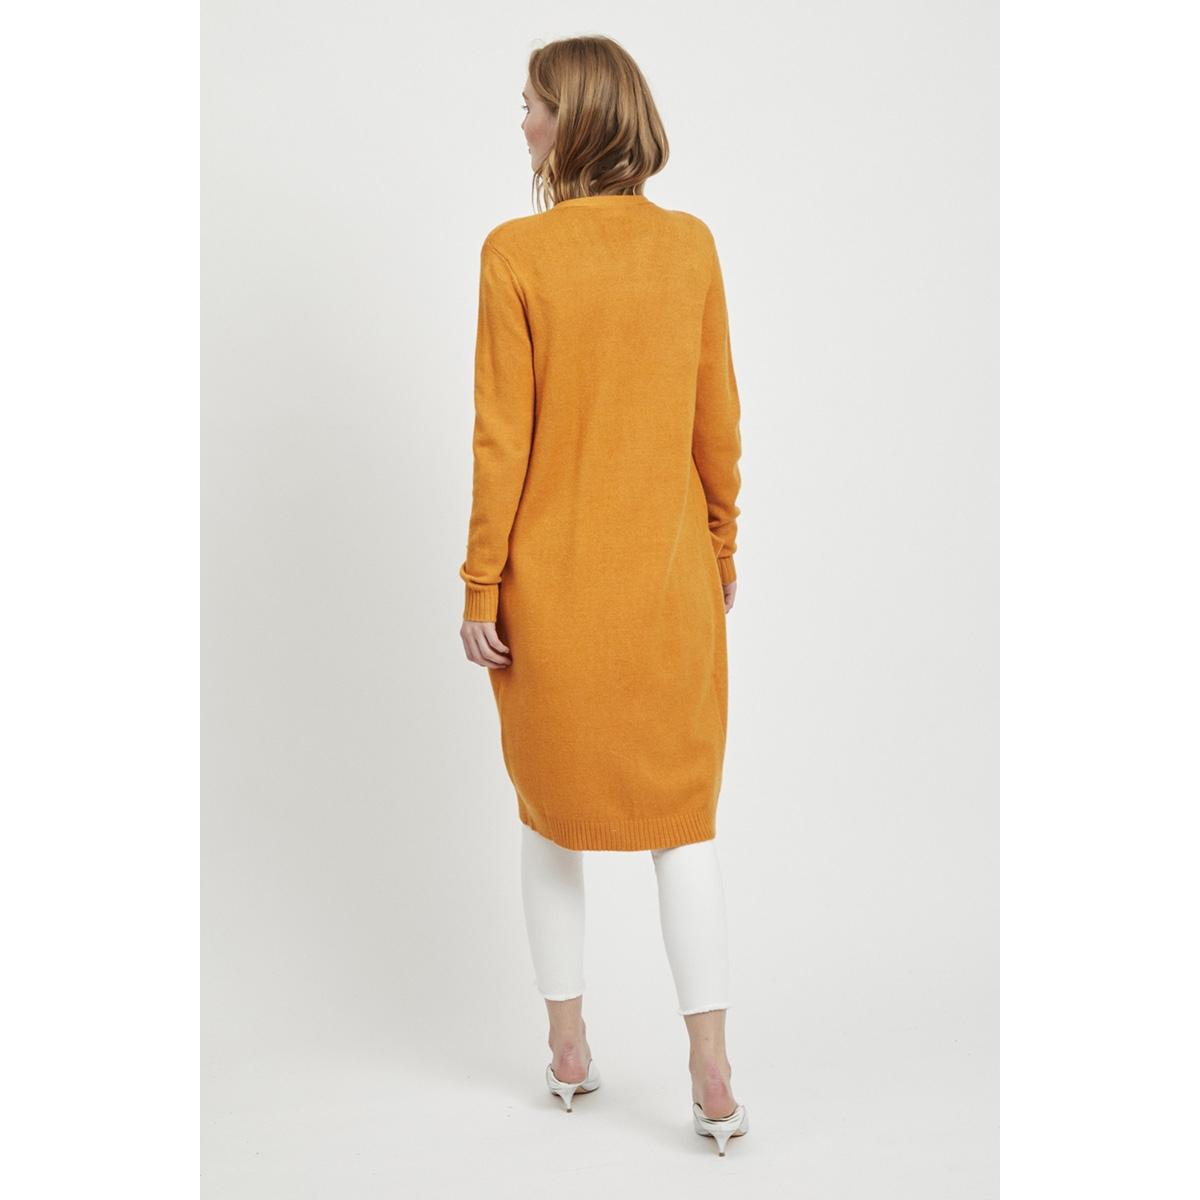 viril l/s long knit cardigan-noos 14042770 vila vest golden oak/melange